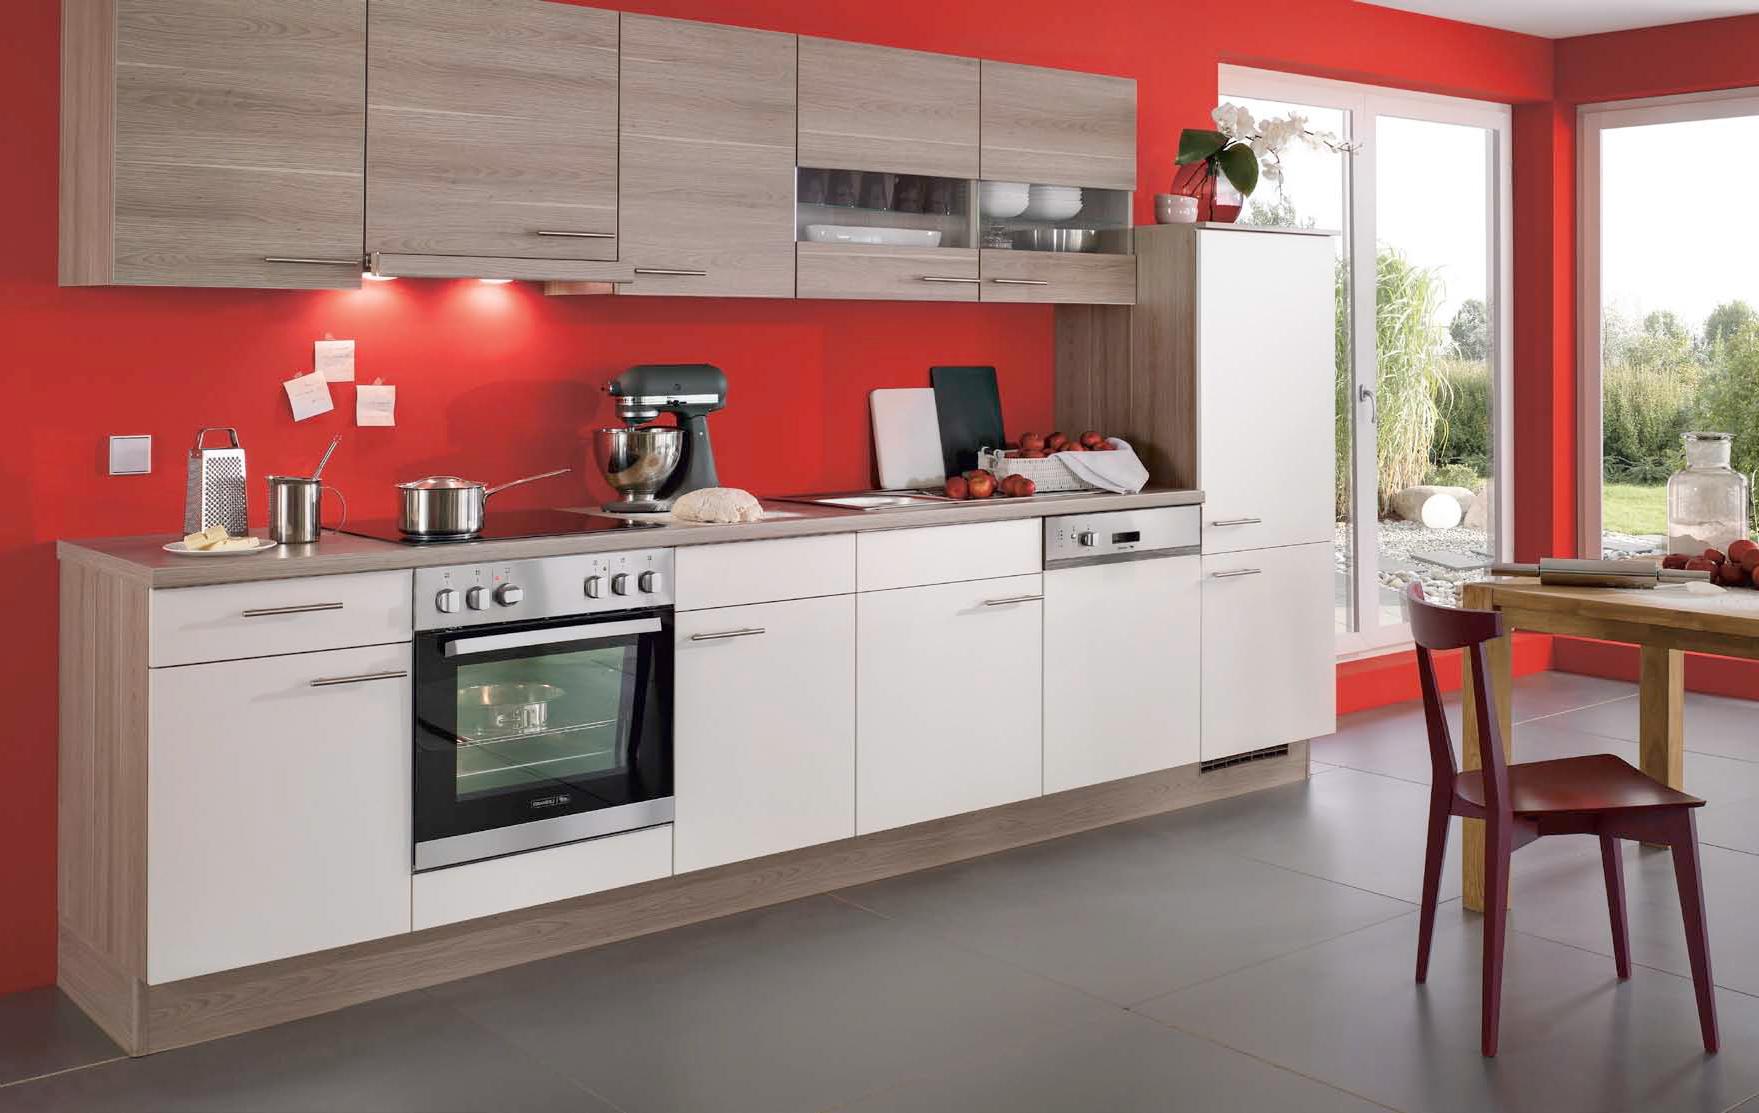 Modelos De Muebles De Cocina Jxdu Muebles De Cocina Baratos Tipos De Muebles Para Cocina